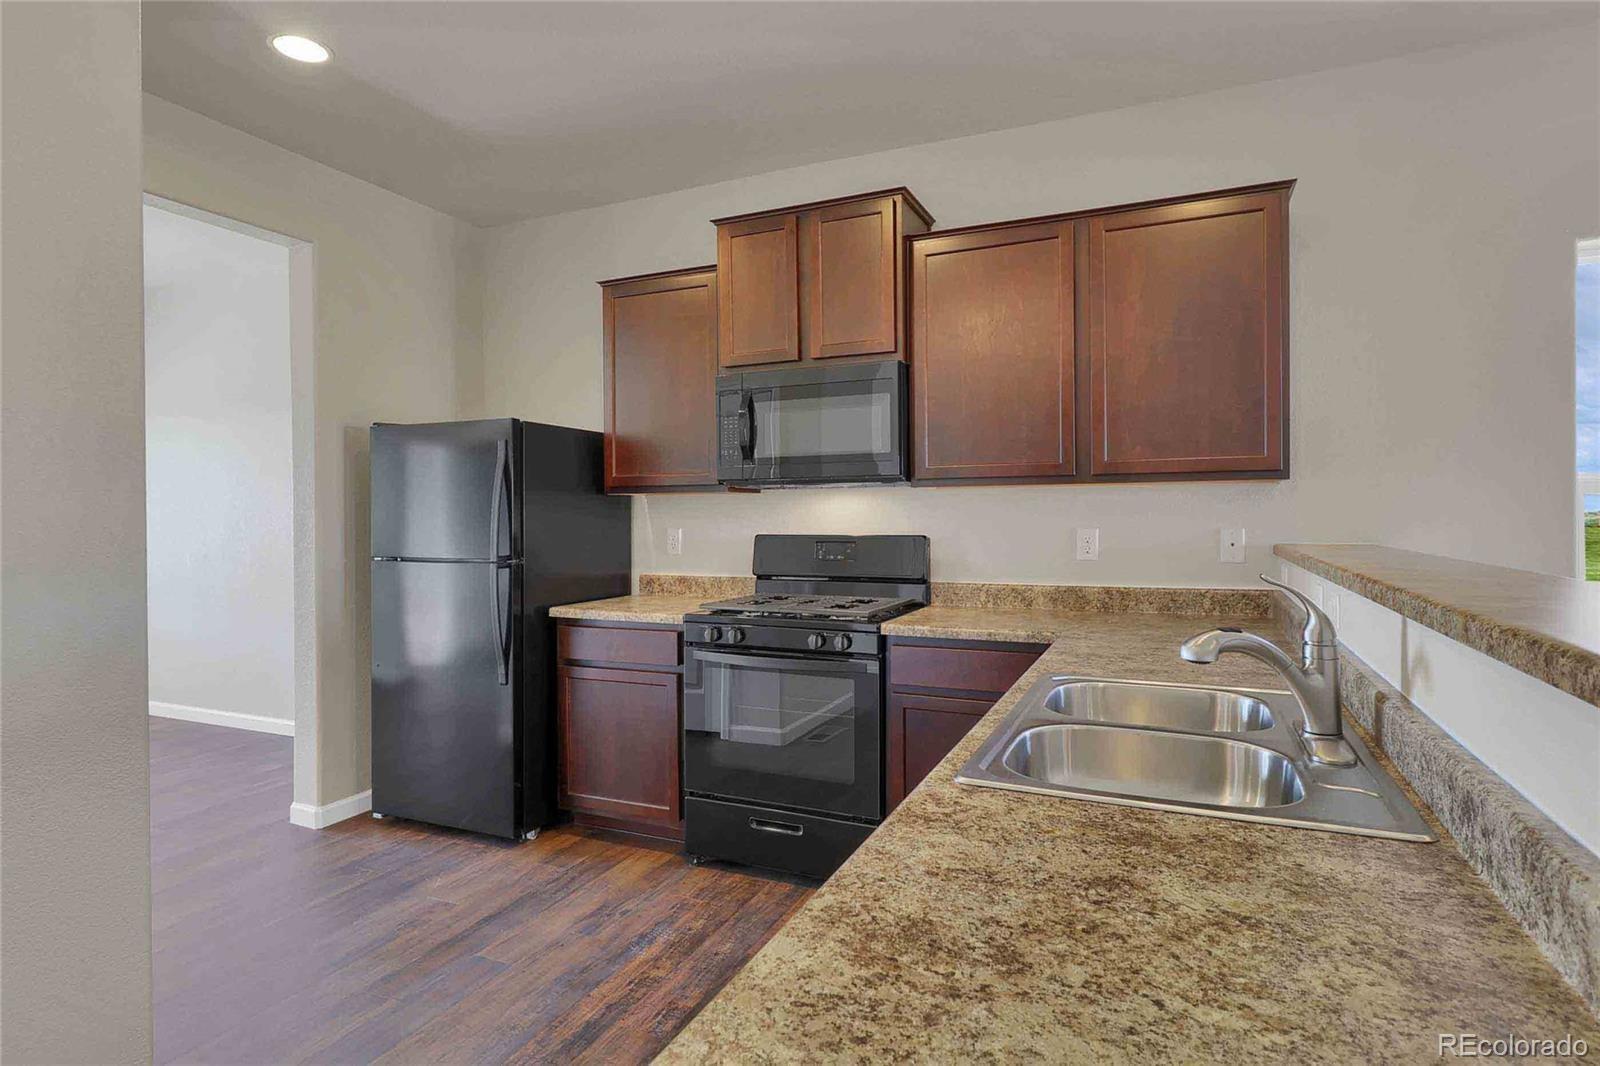 MLS# 9232644 - 6 - 47352 Lilac Avenue, Bennett, CO 80102